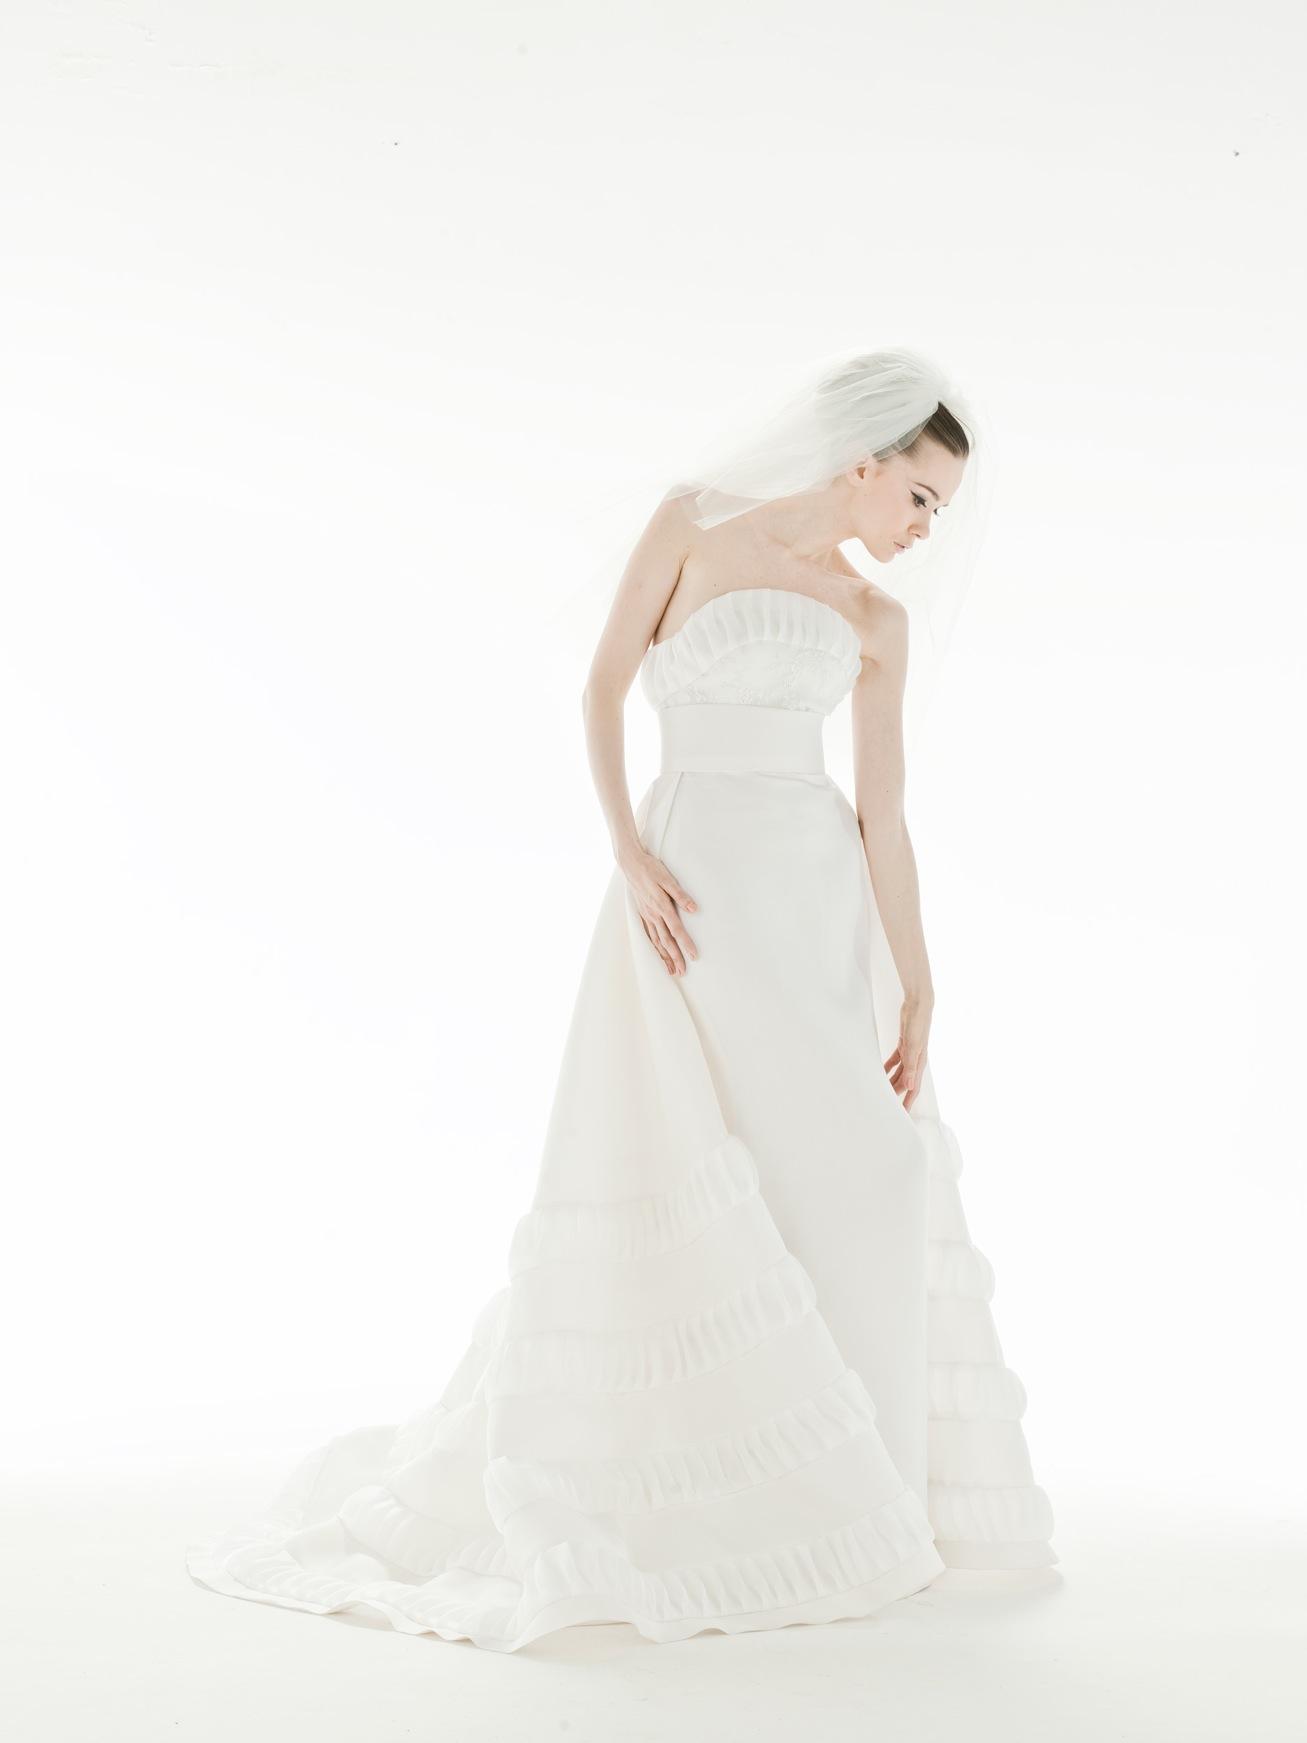 f01cbe21659a Di Fiore FOTOGRAFI 081.475160 PORTICI (NA) Fotografi per Matrimoni ...